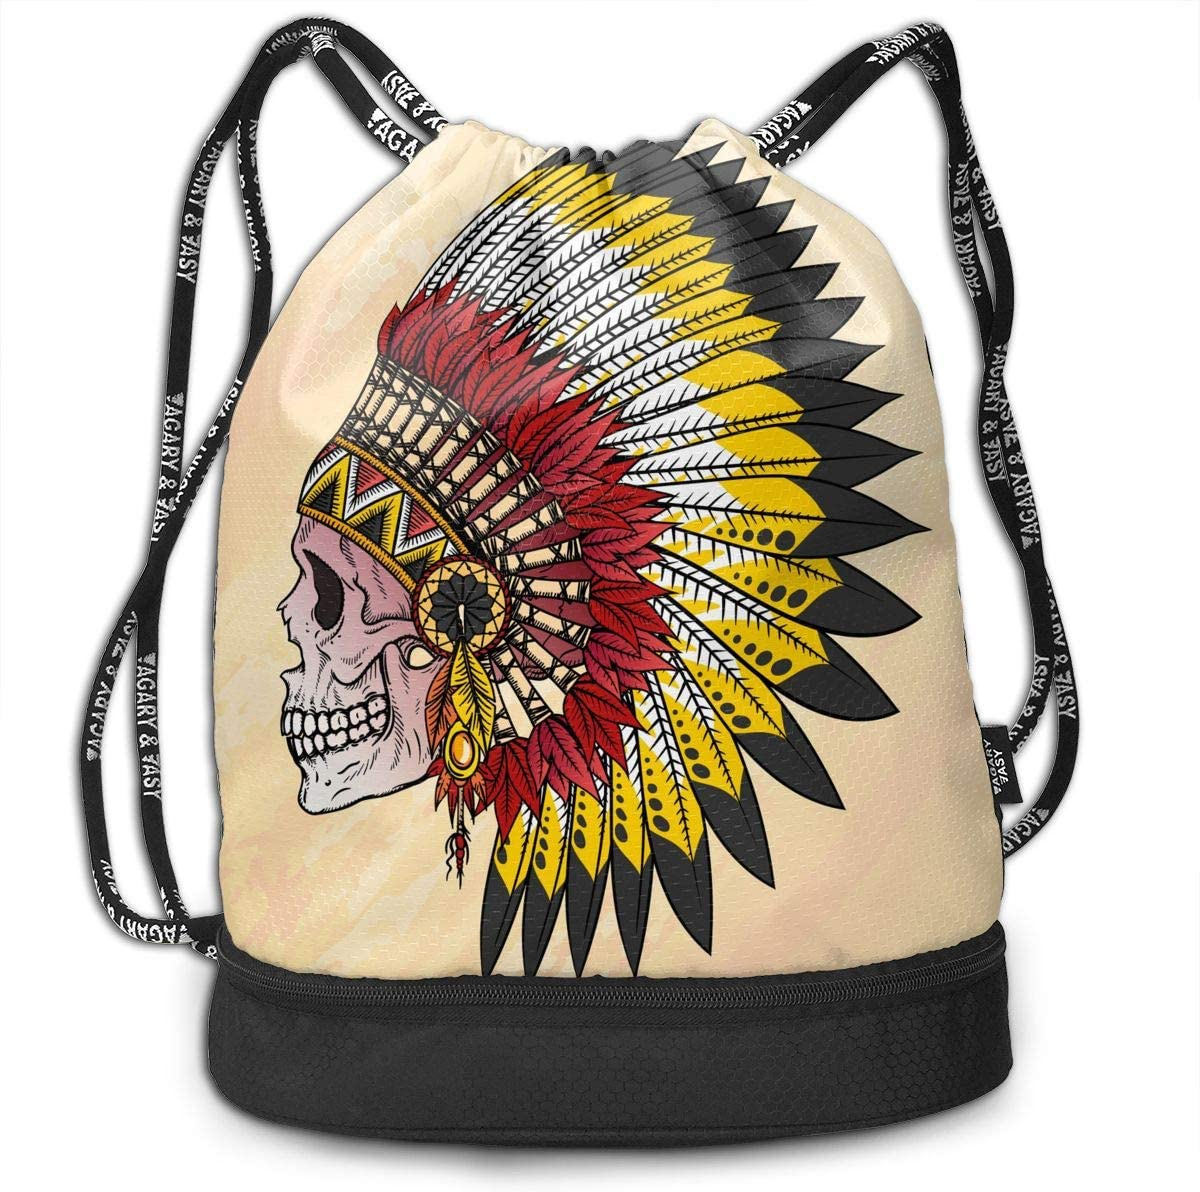 HUOPR5Q Skull Indian Drawstring Backpack Sport Gym Sack Shoulder Bulk Bag Dance Bag for School Travel